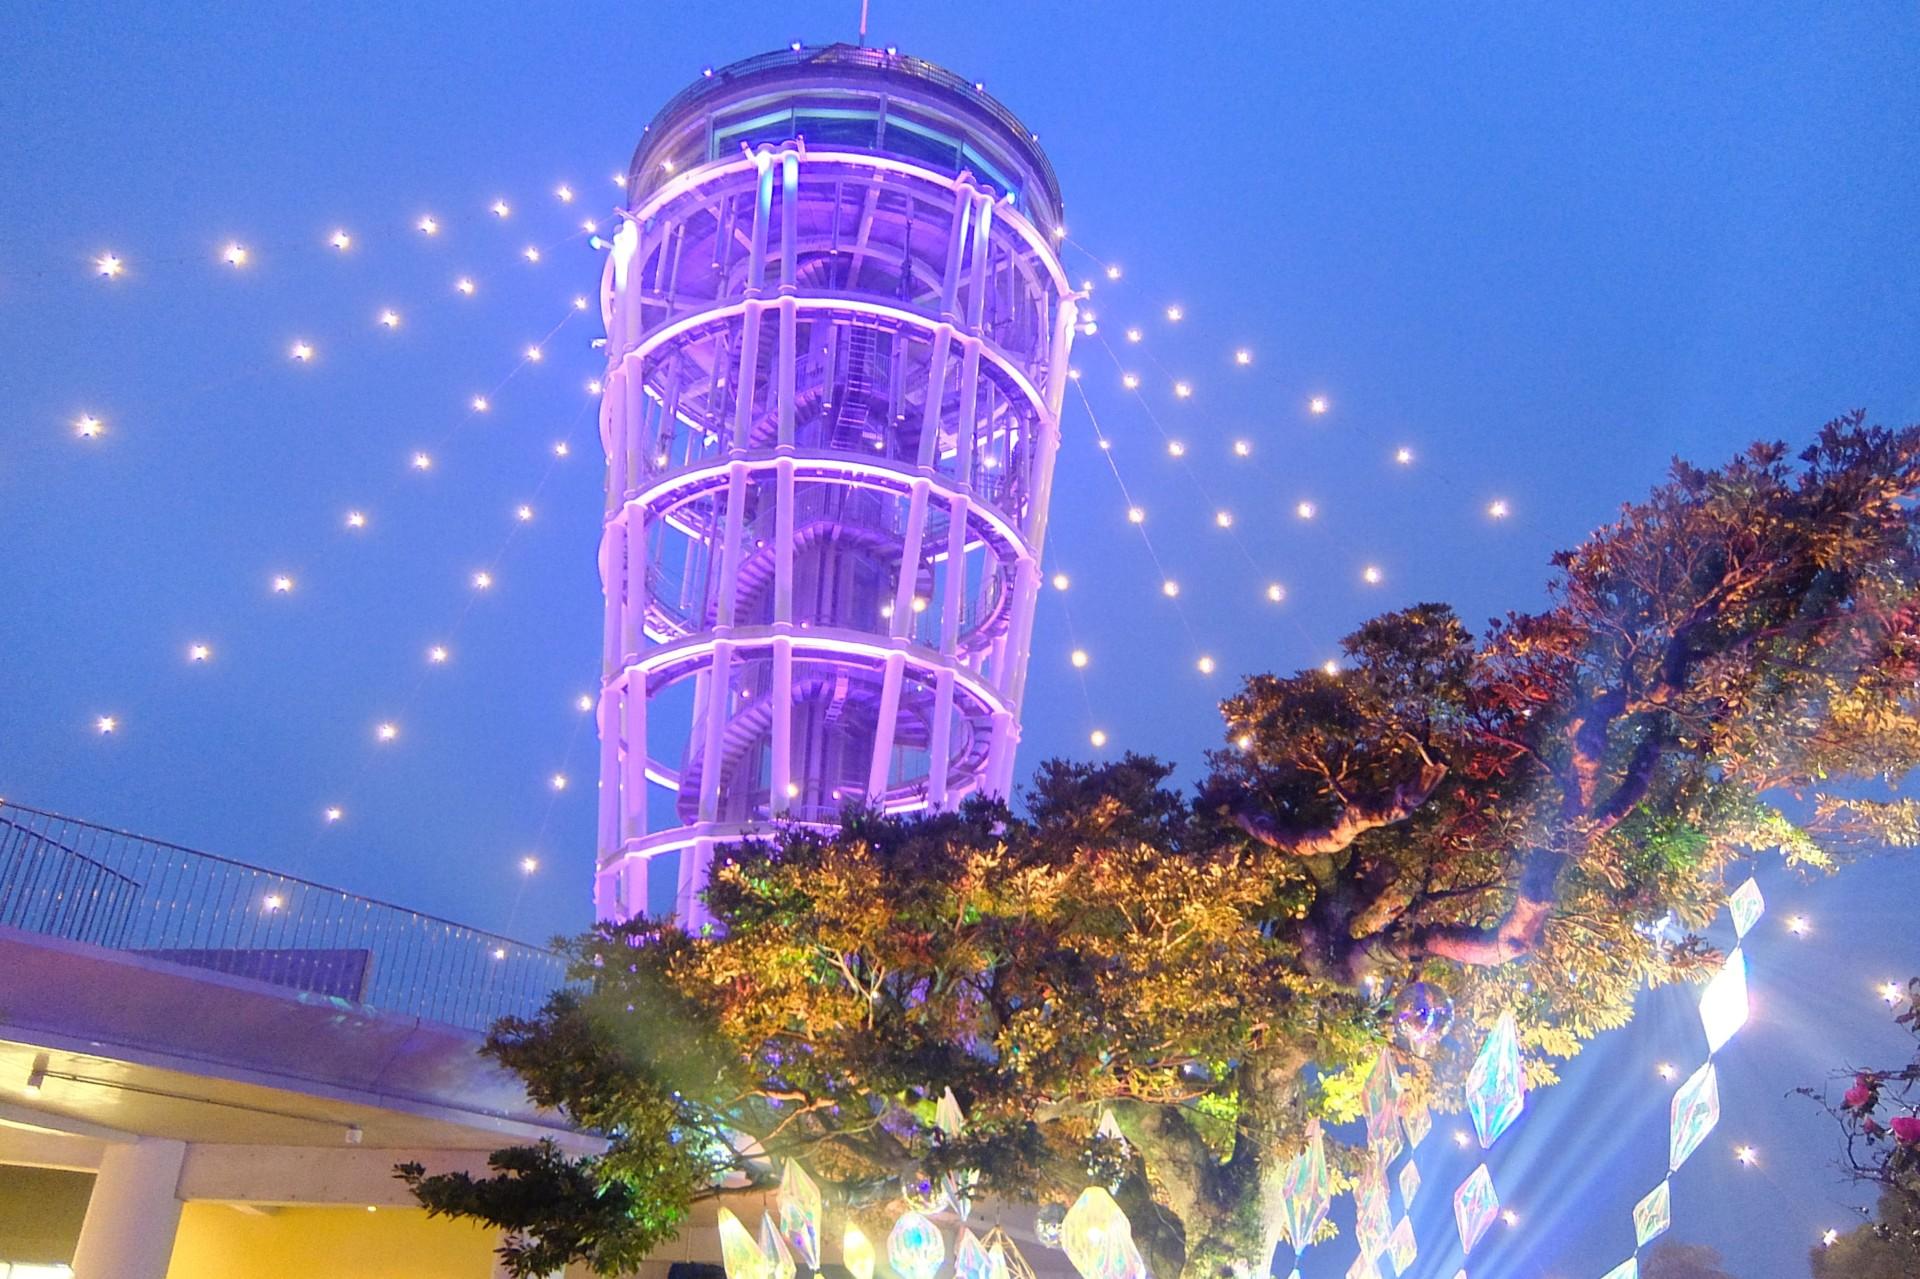 江ノ島のイルミネーションされた灯台